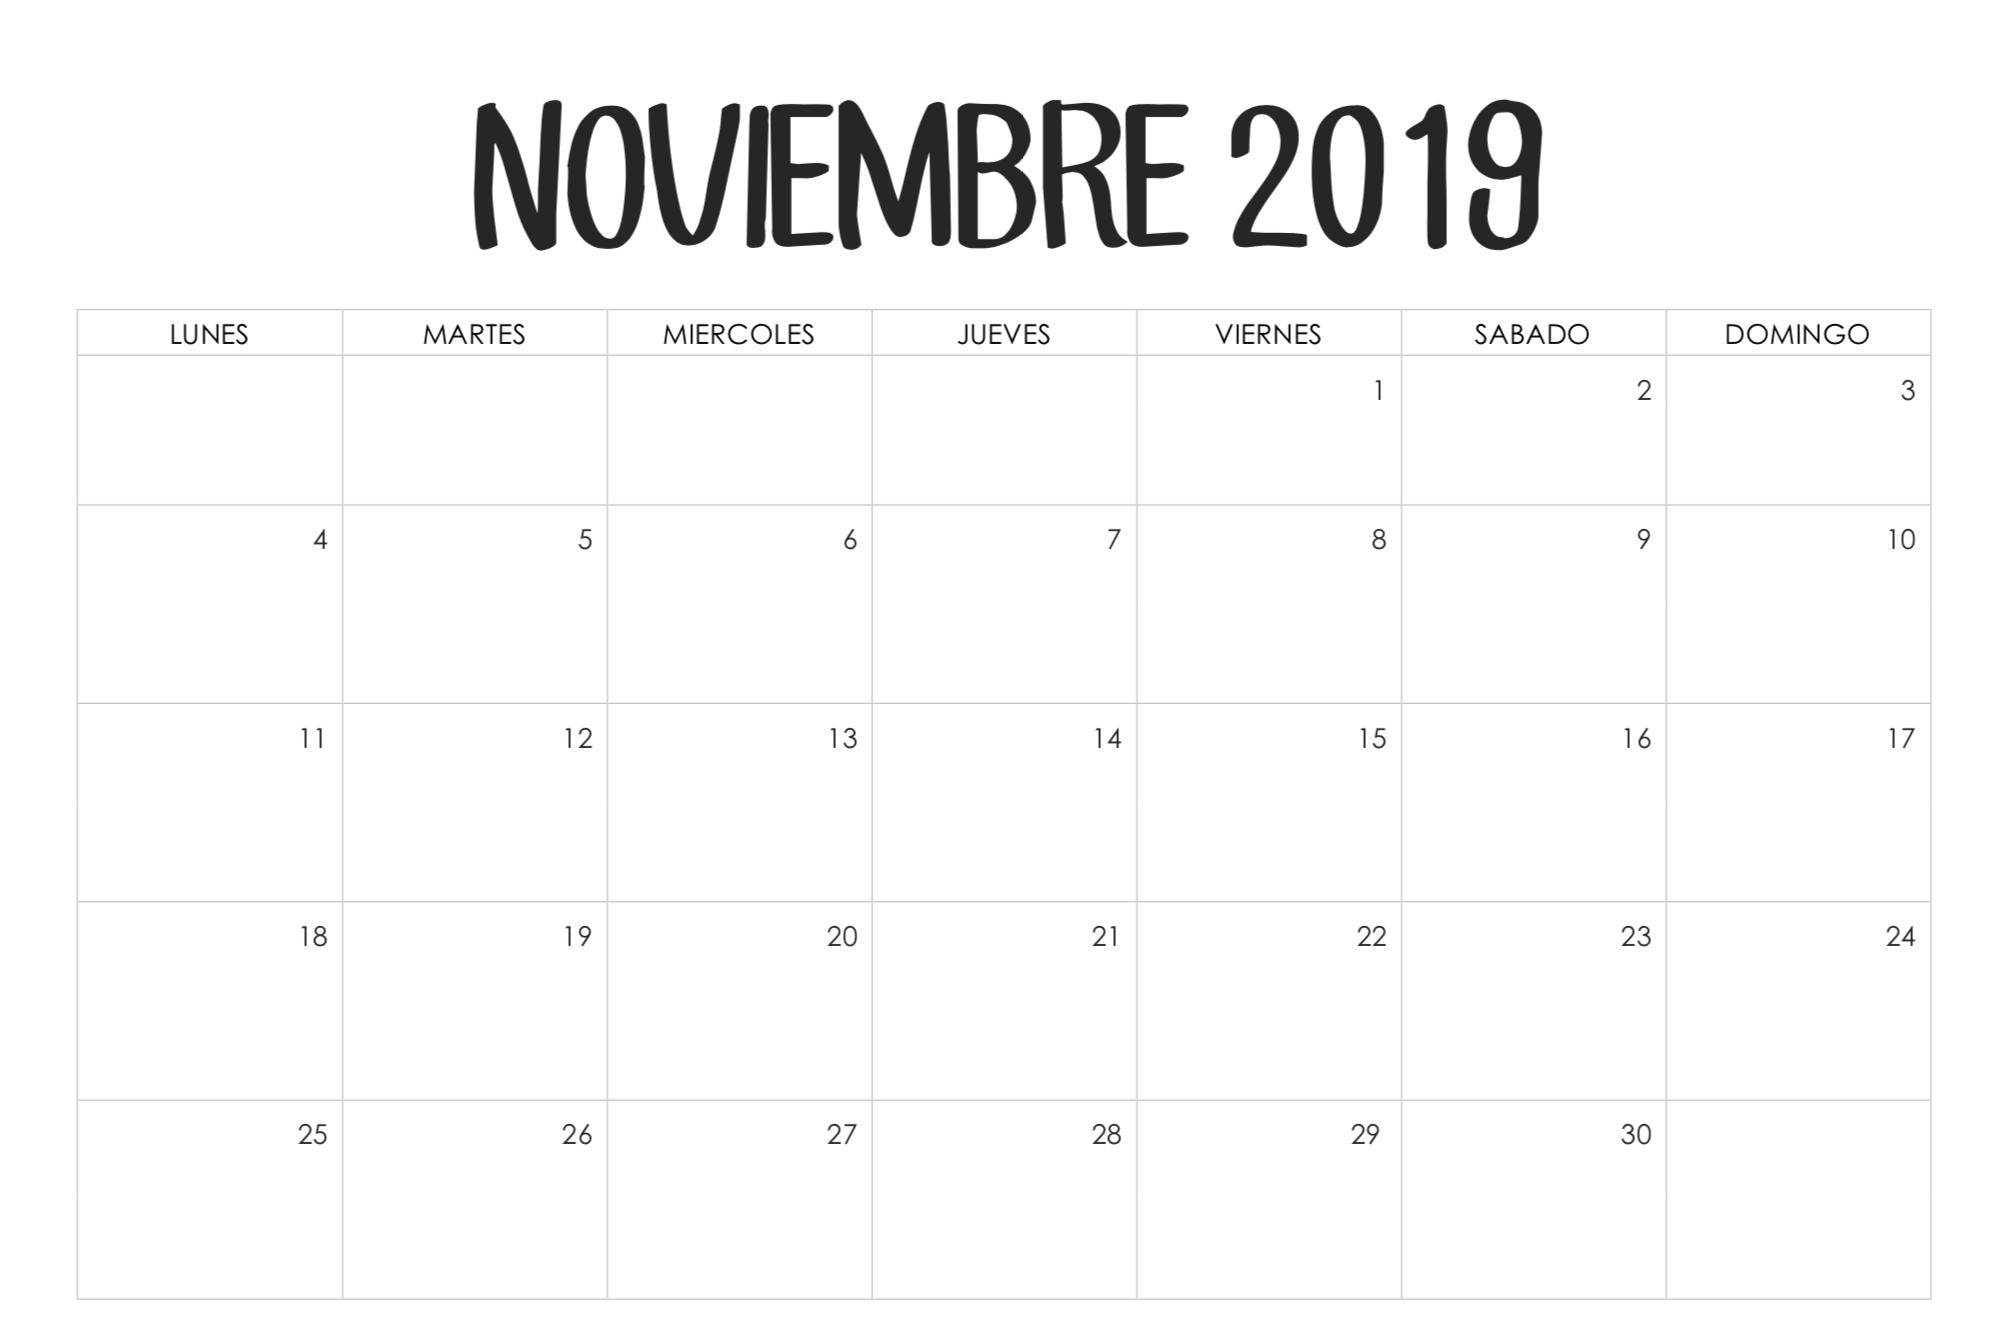 Calendario octubre 2019 con vacaciones